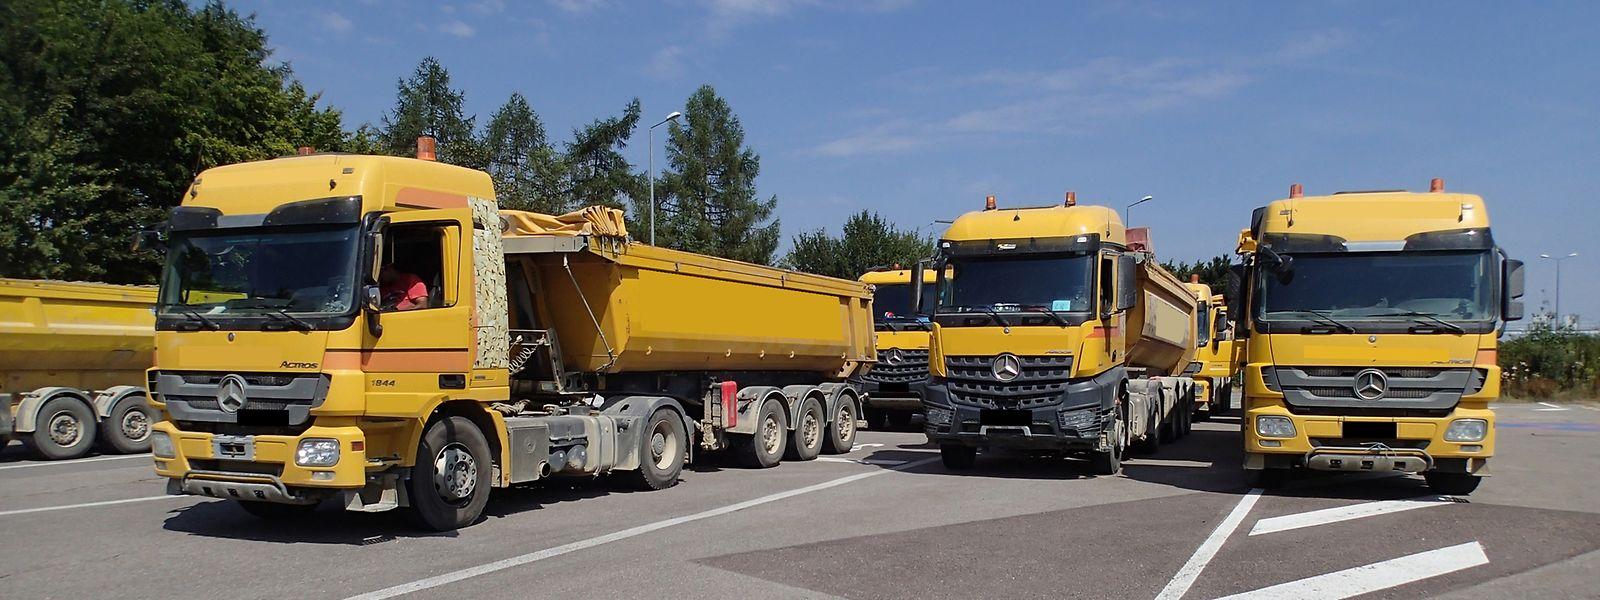 16 Lastwagen wurden kontrolliert, 18 Gesetzesverstöße festgestellt.